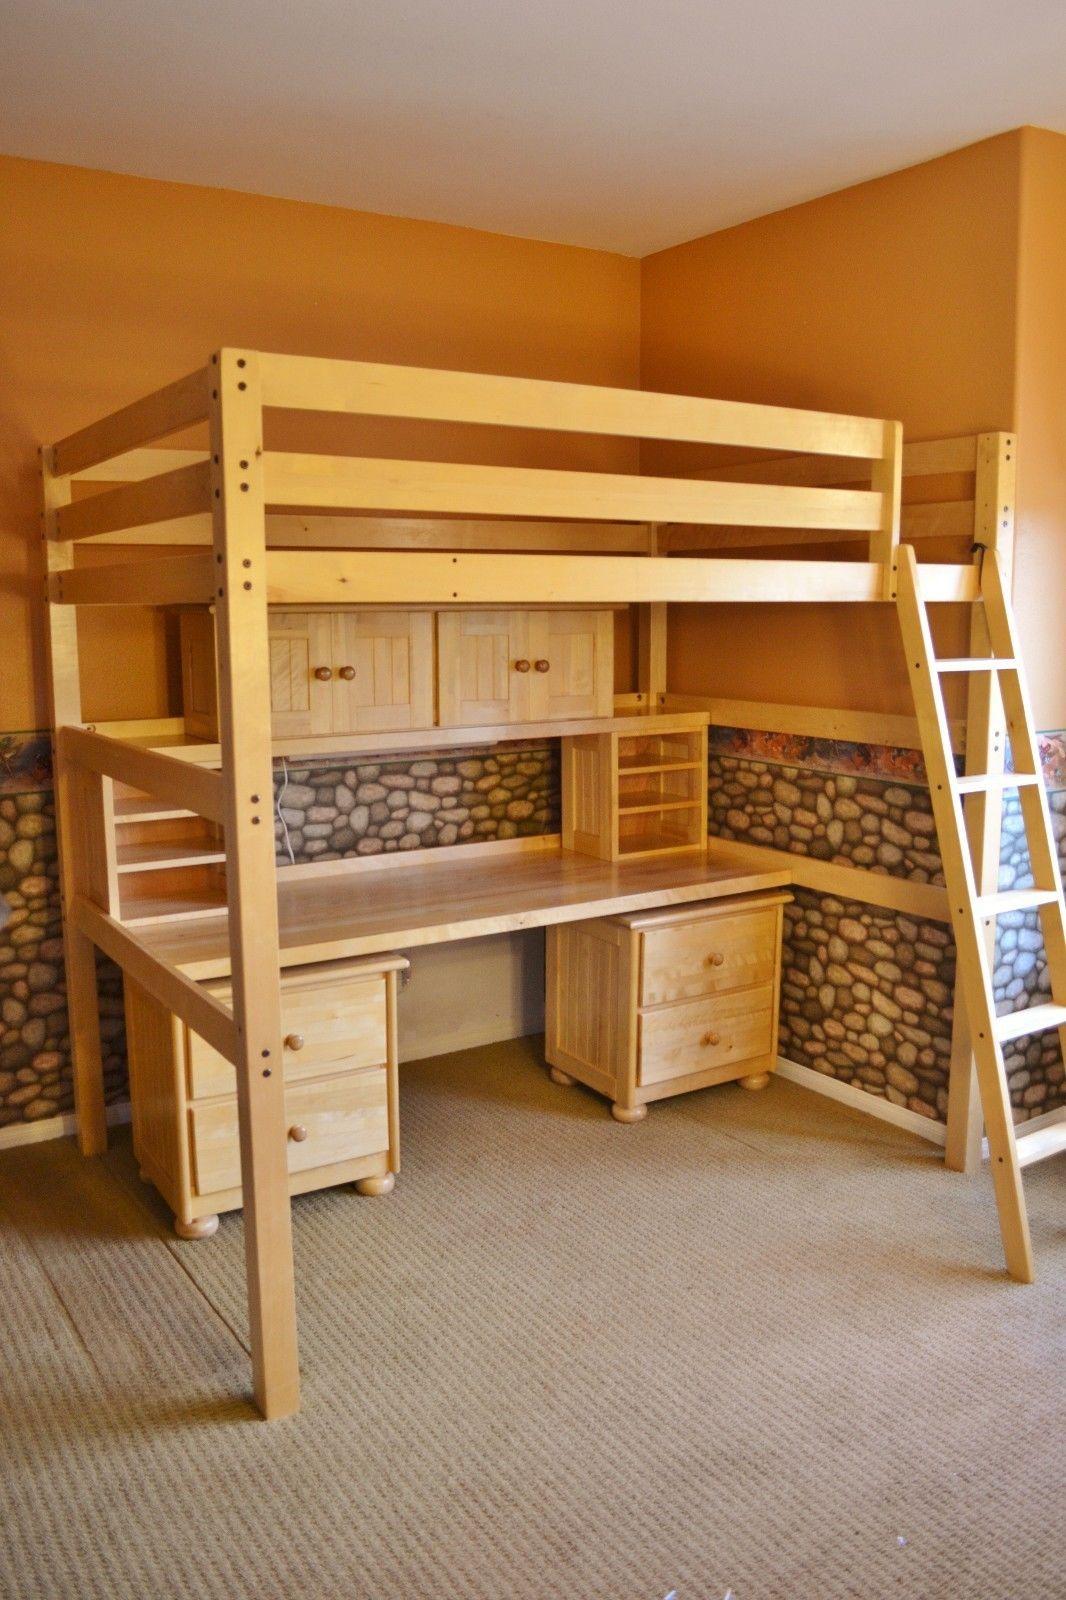 Childrens student fullsized loft bed and desk system